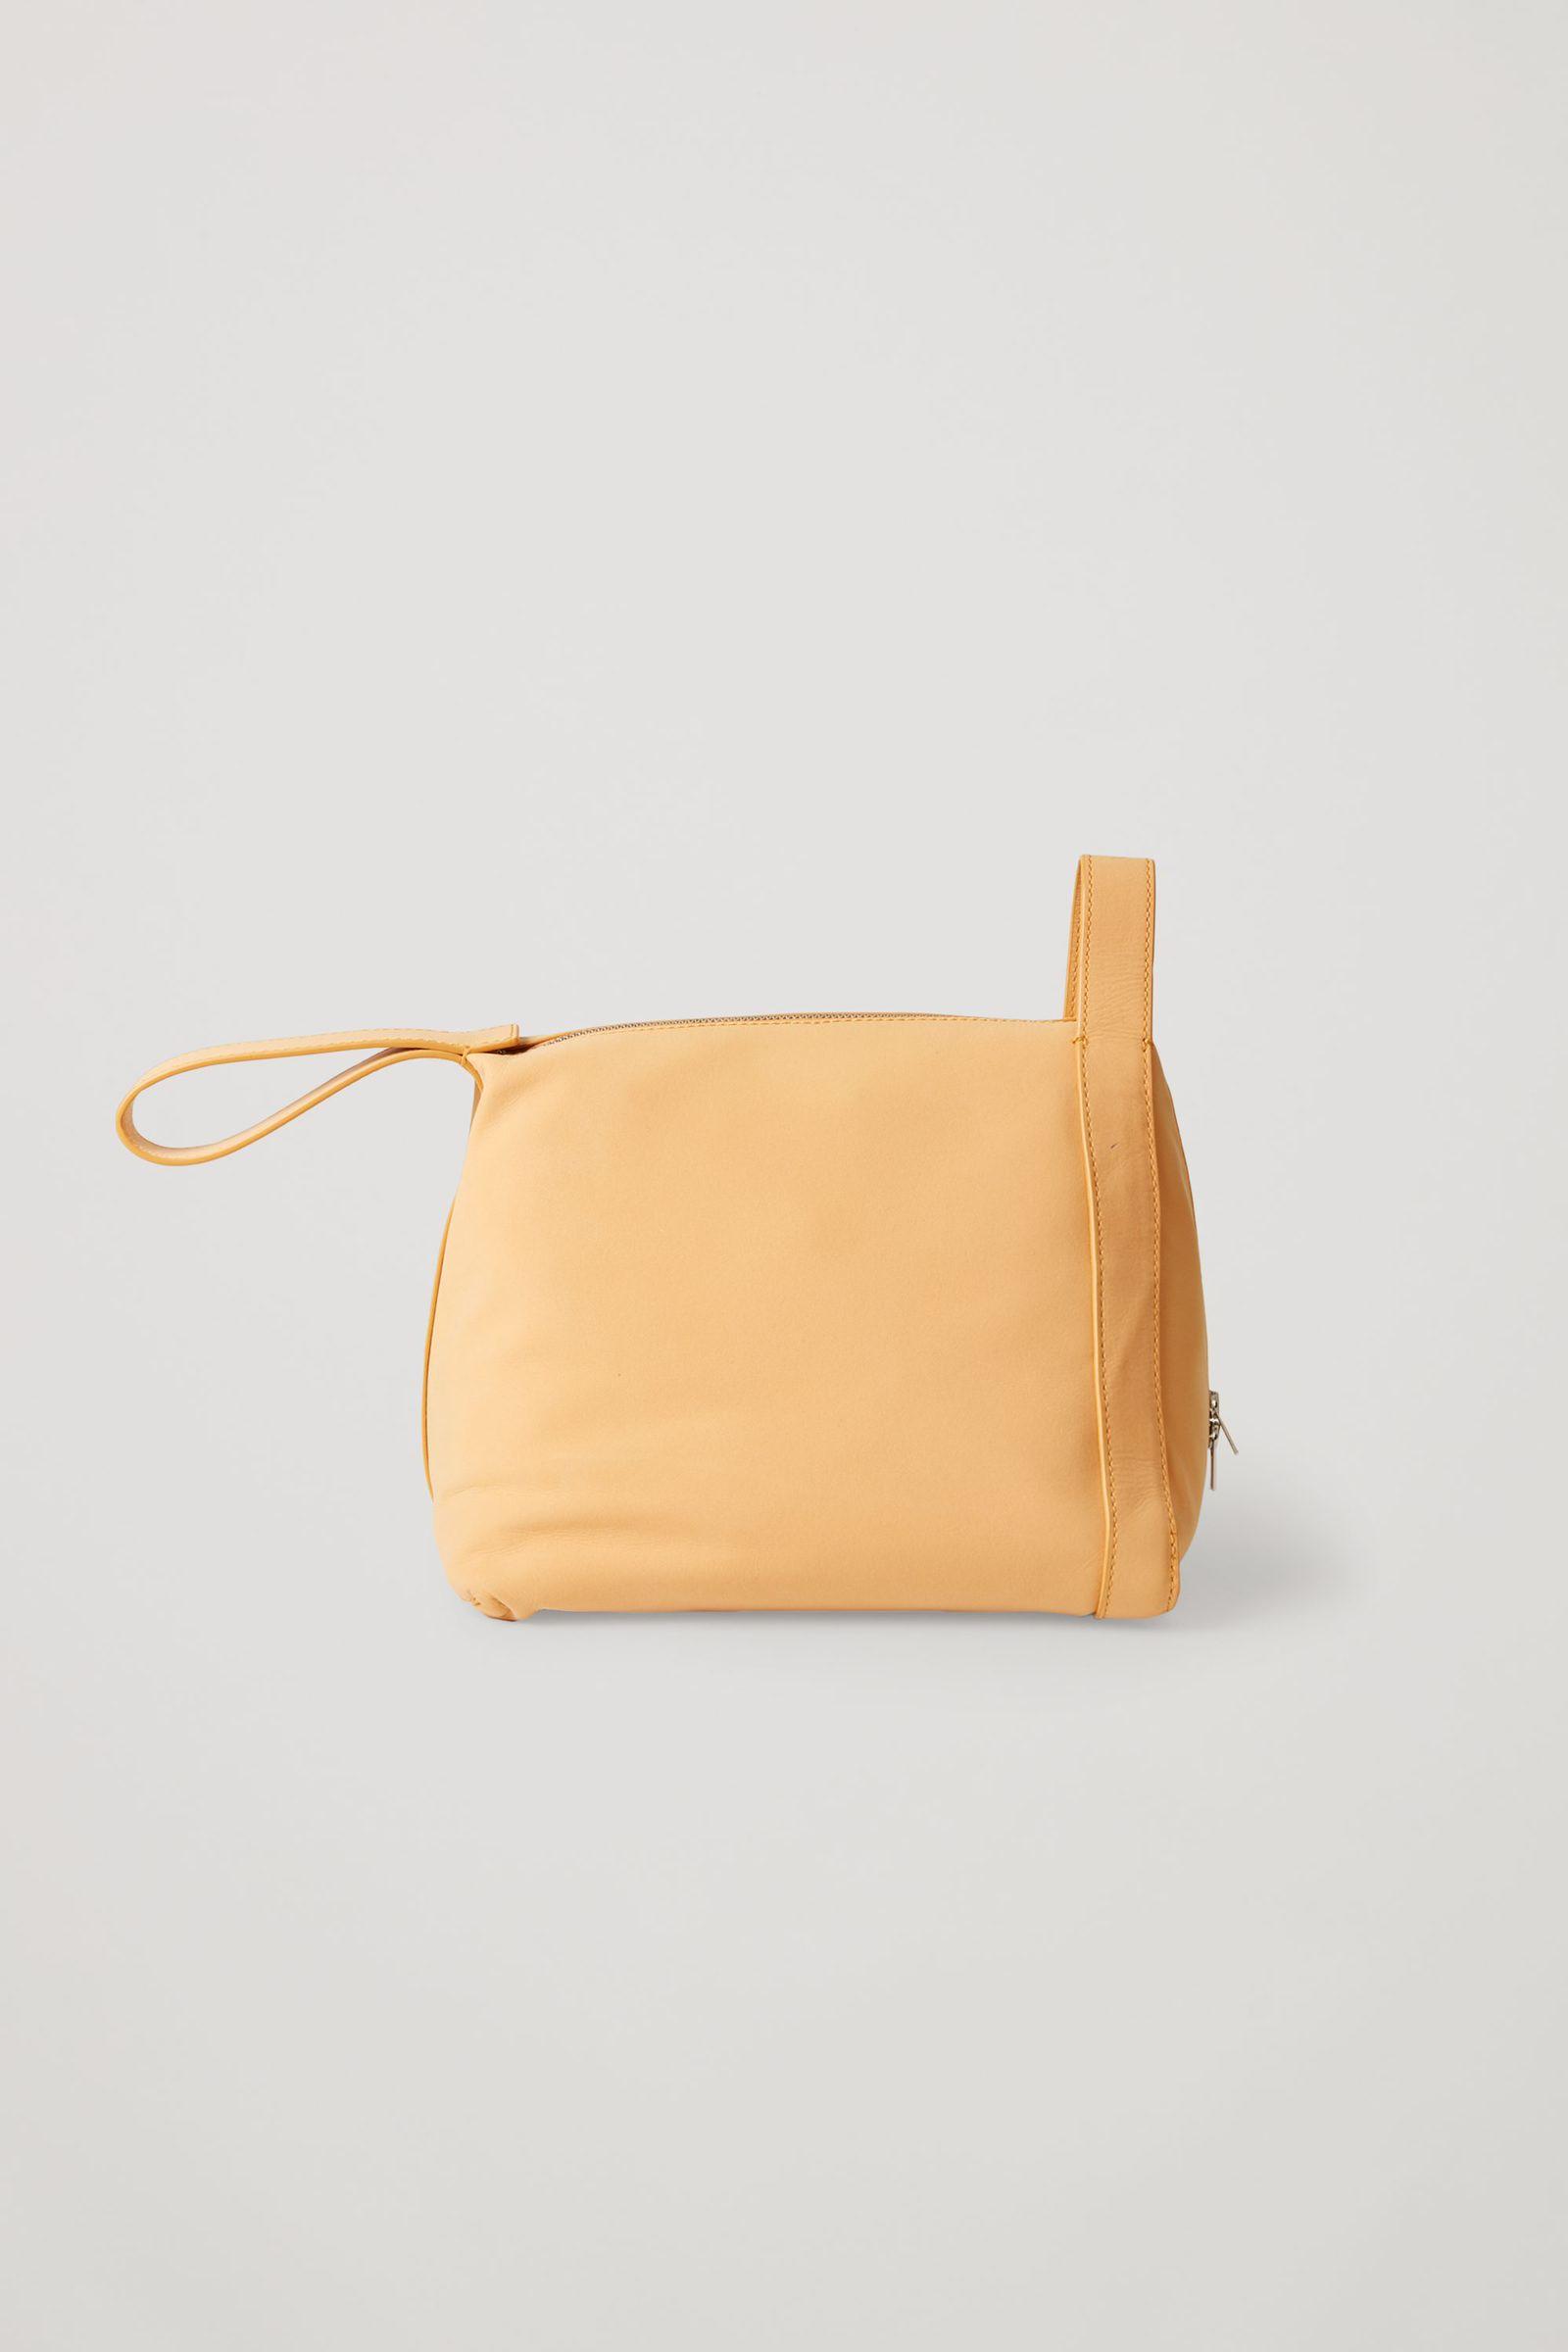 COS 레더 미니 토트백의 라이트 오렌지컬러 Product입니다.